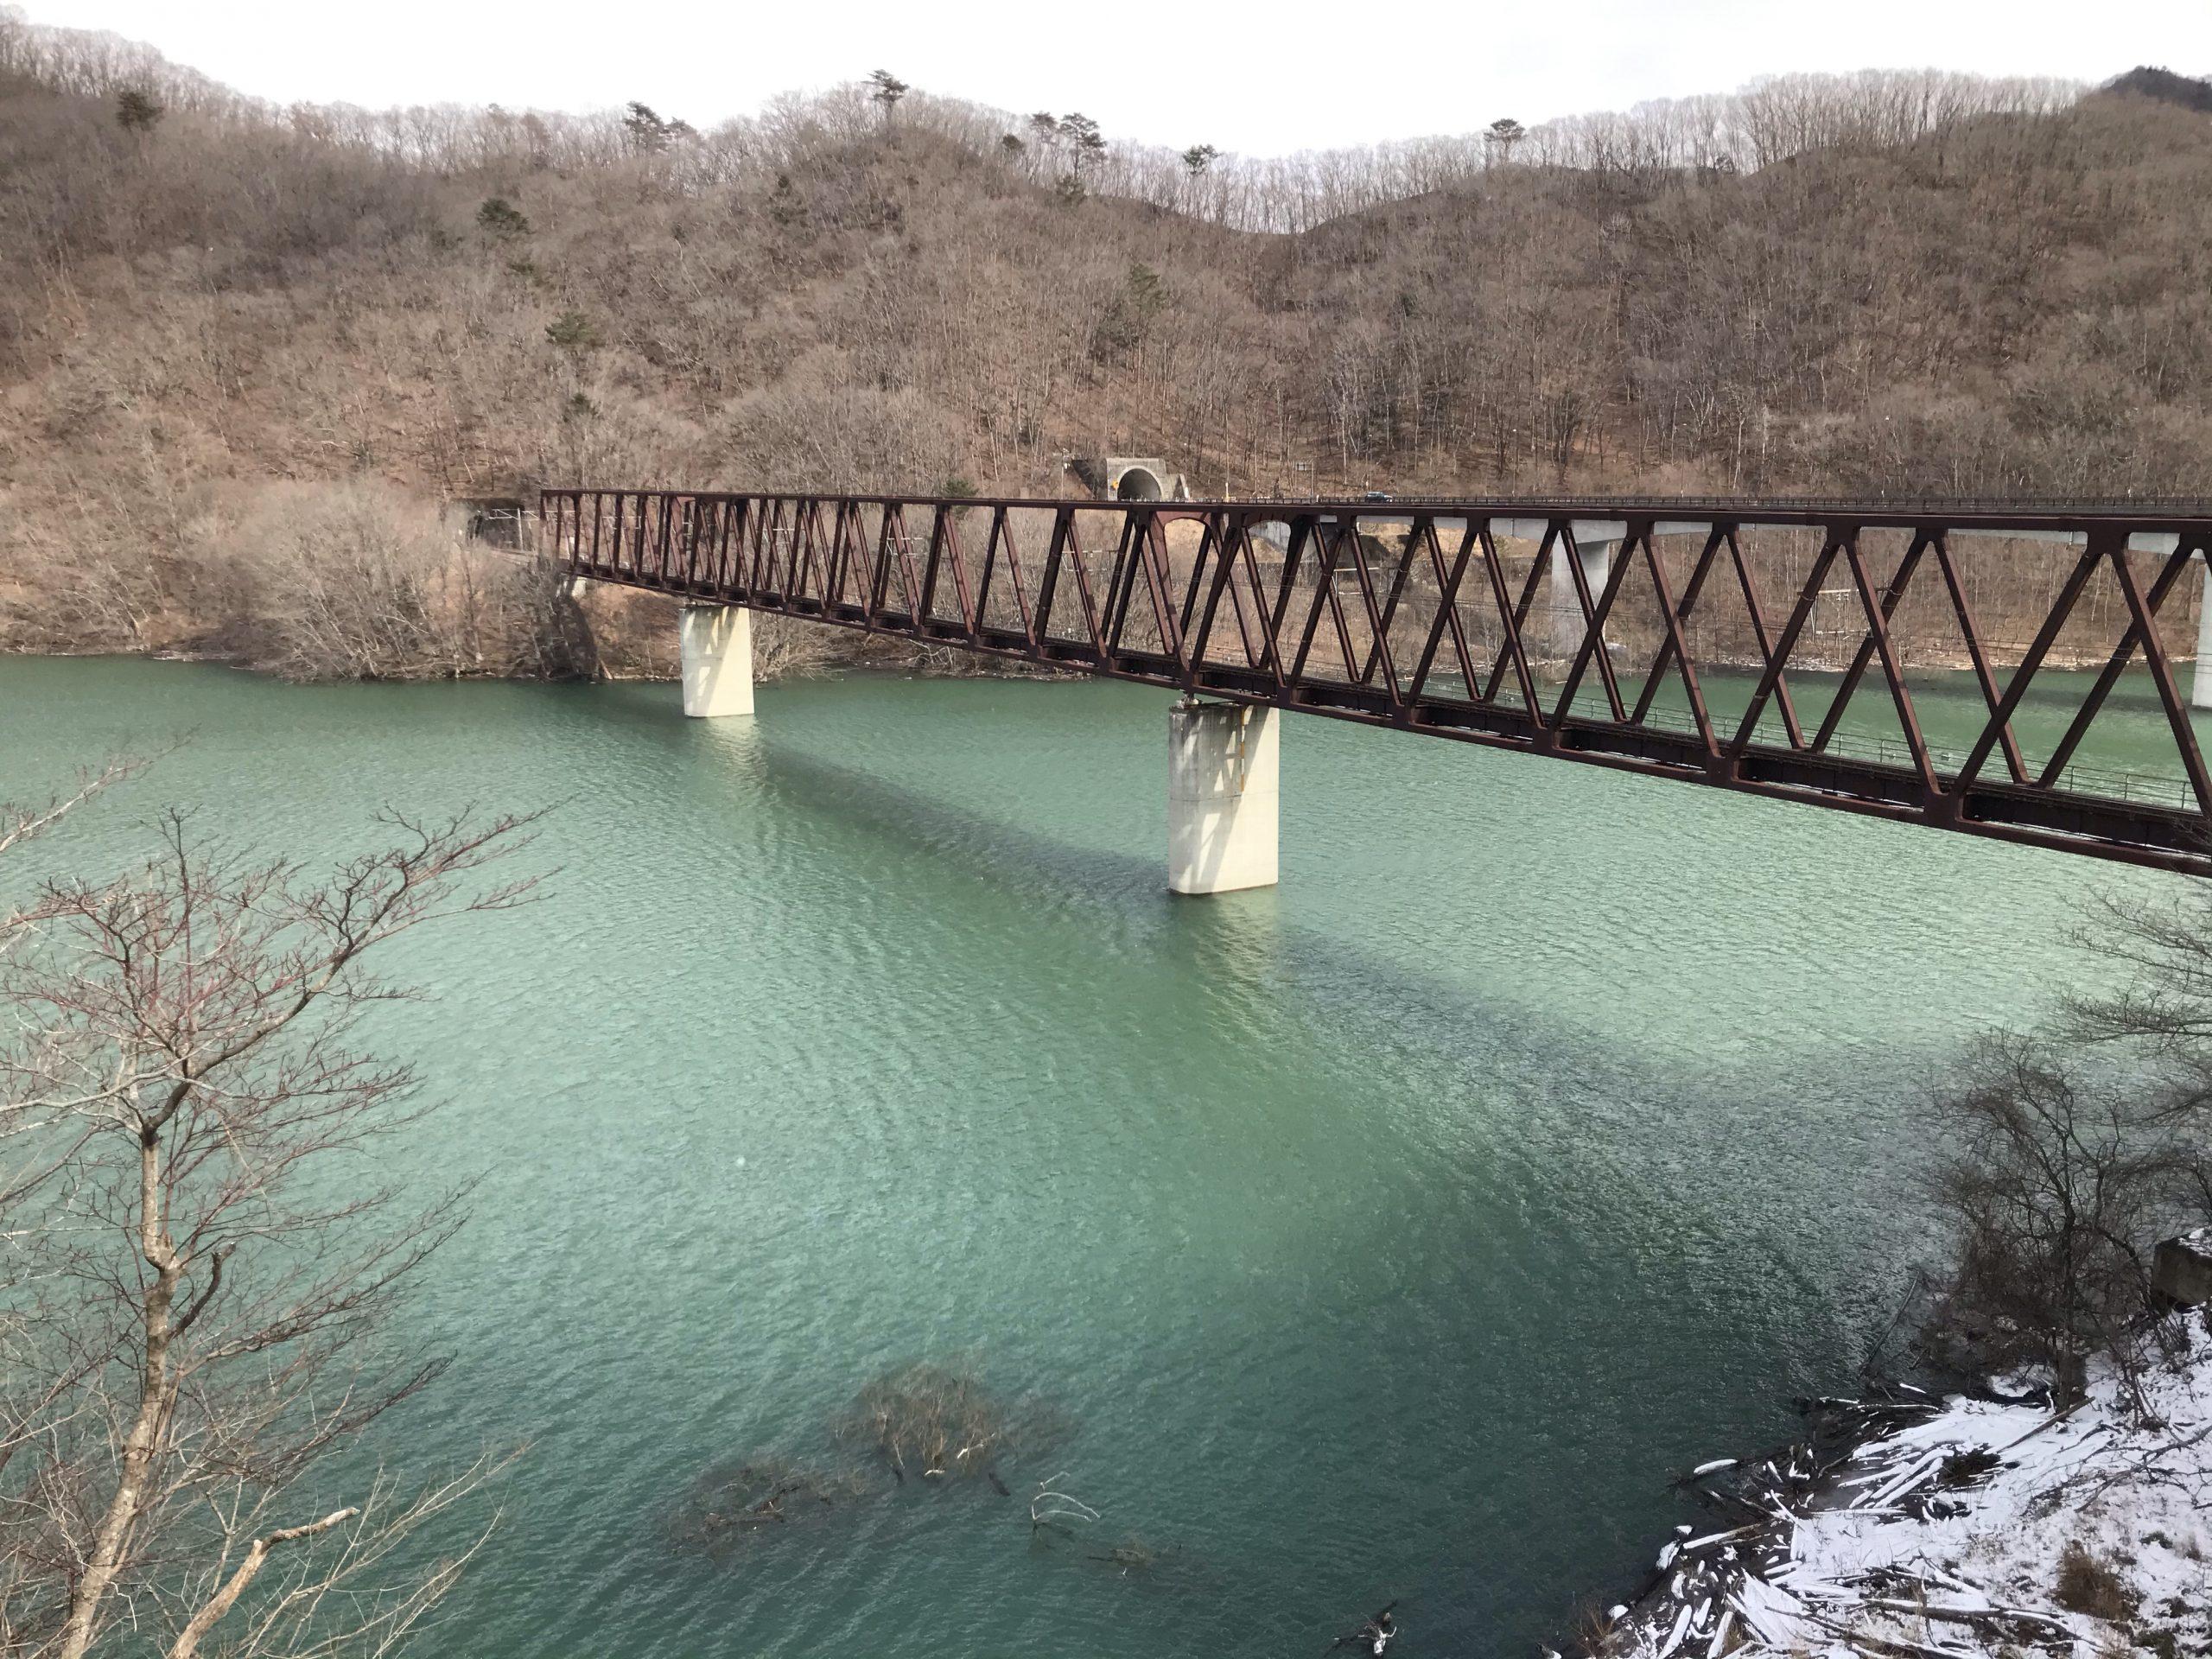 「2020年冬の観光地は人が少ない?栃木県は湯西川温泉に行ってみた。」のアイキャッチ画像